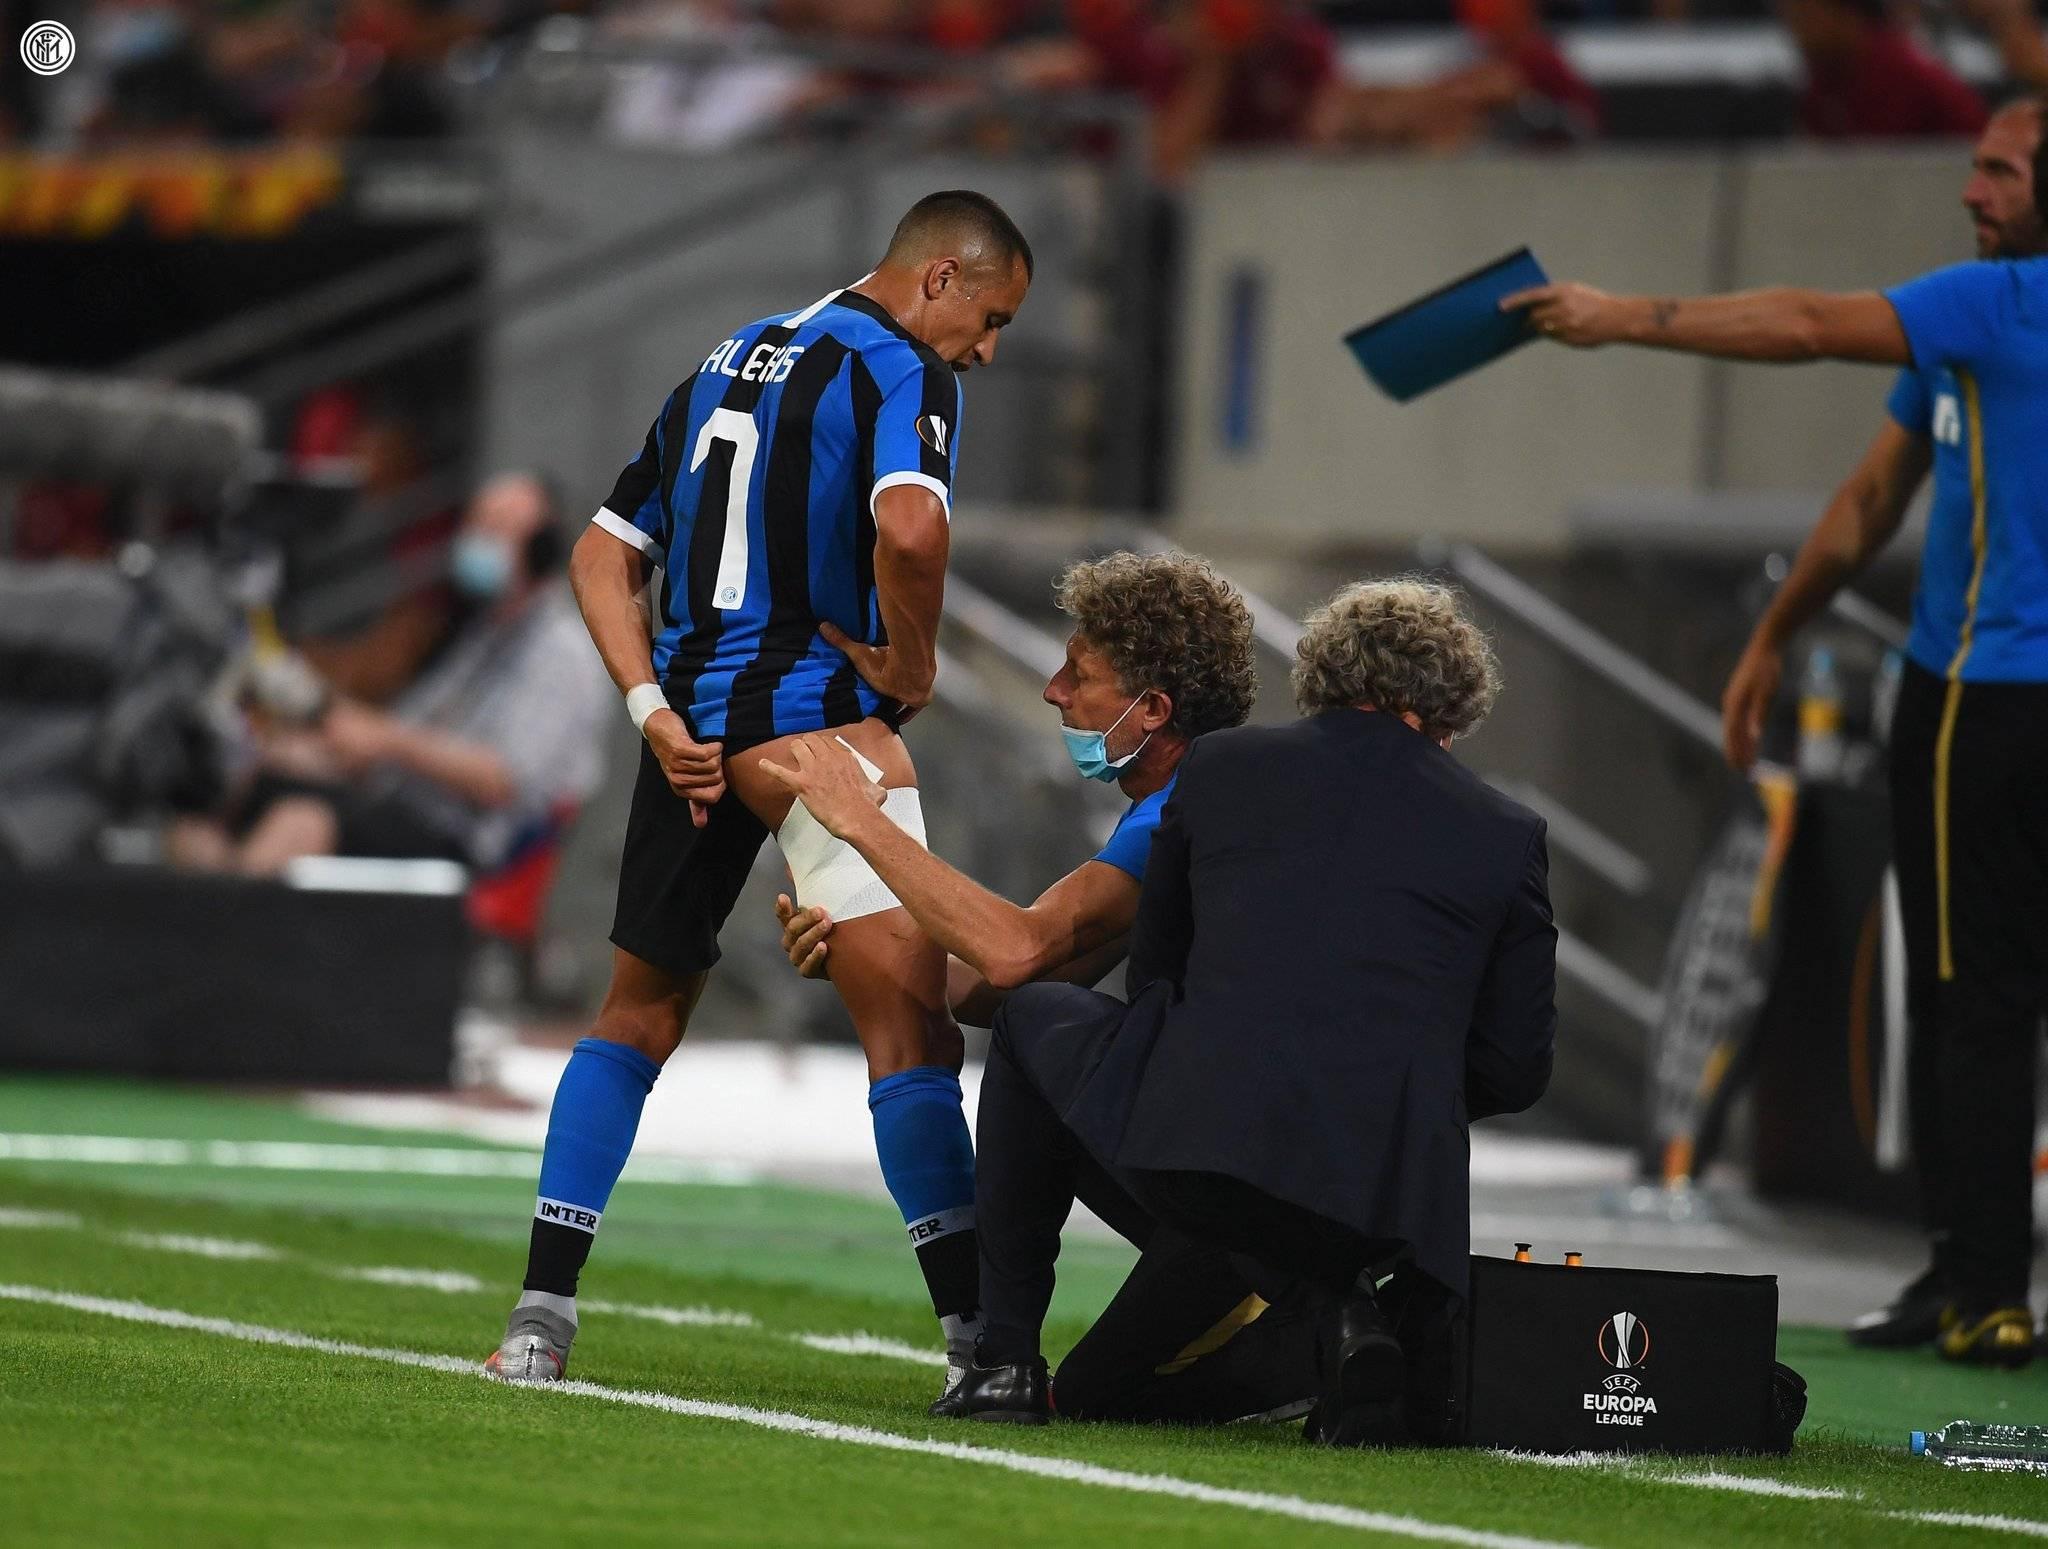 """赛后,国米官推表明:""""桑切斯的右腿屈肌酸痛。"""